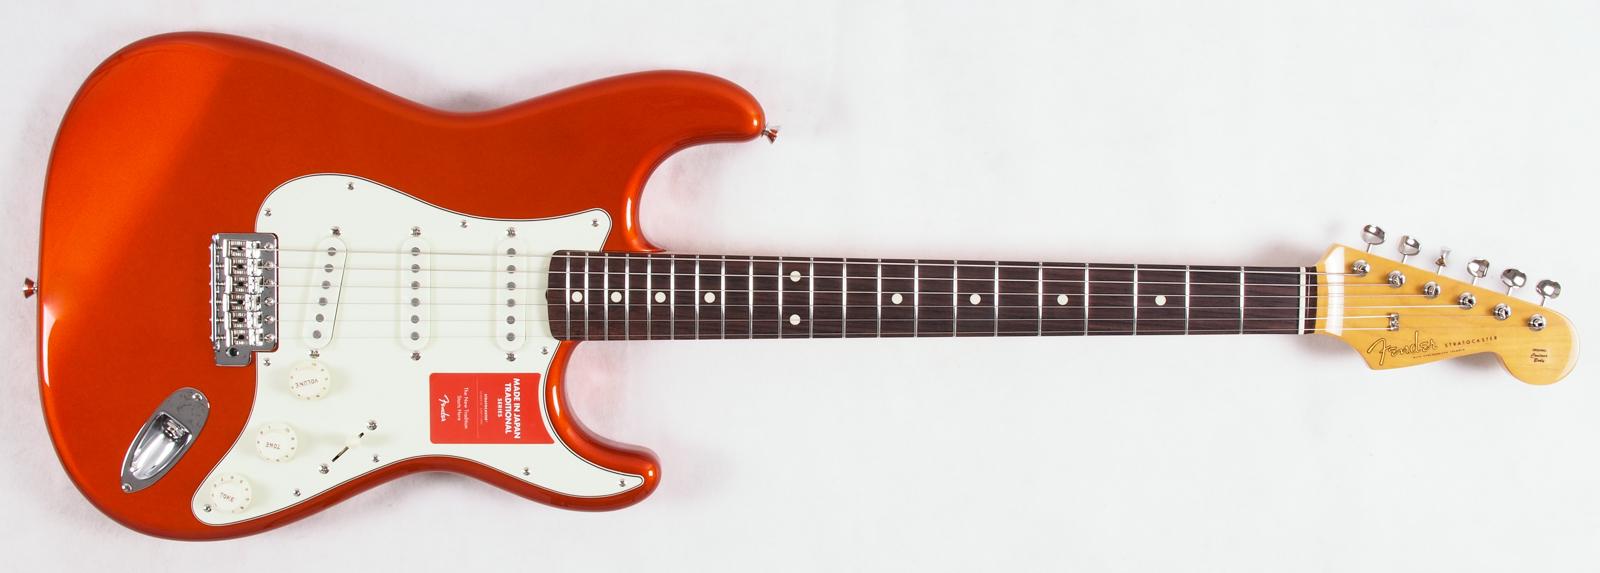 Fender FSR Japan Classic '60s Stratocaster Candy Tangerine